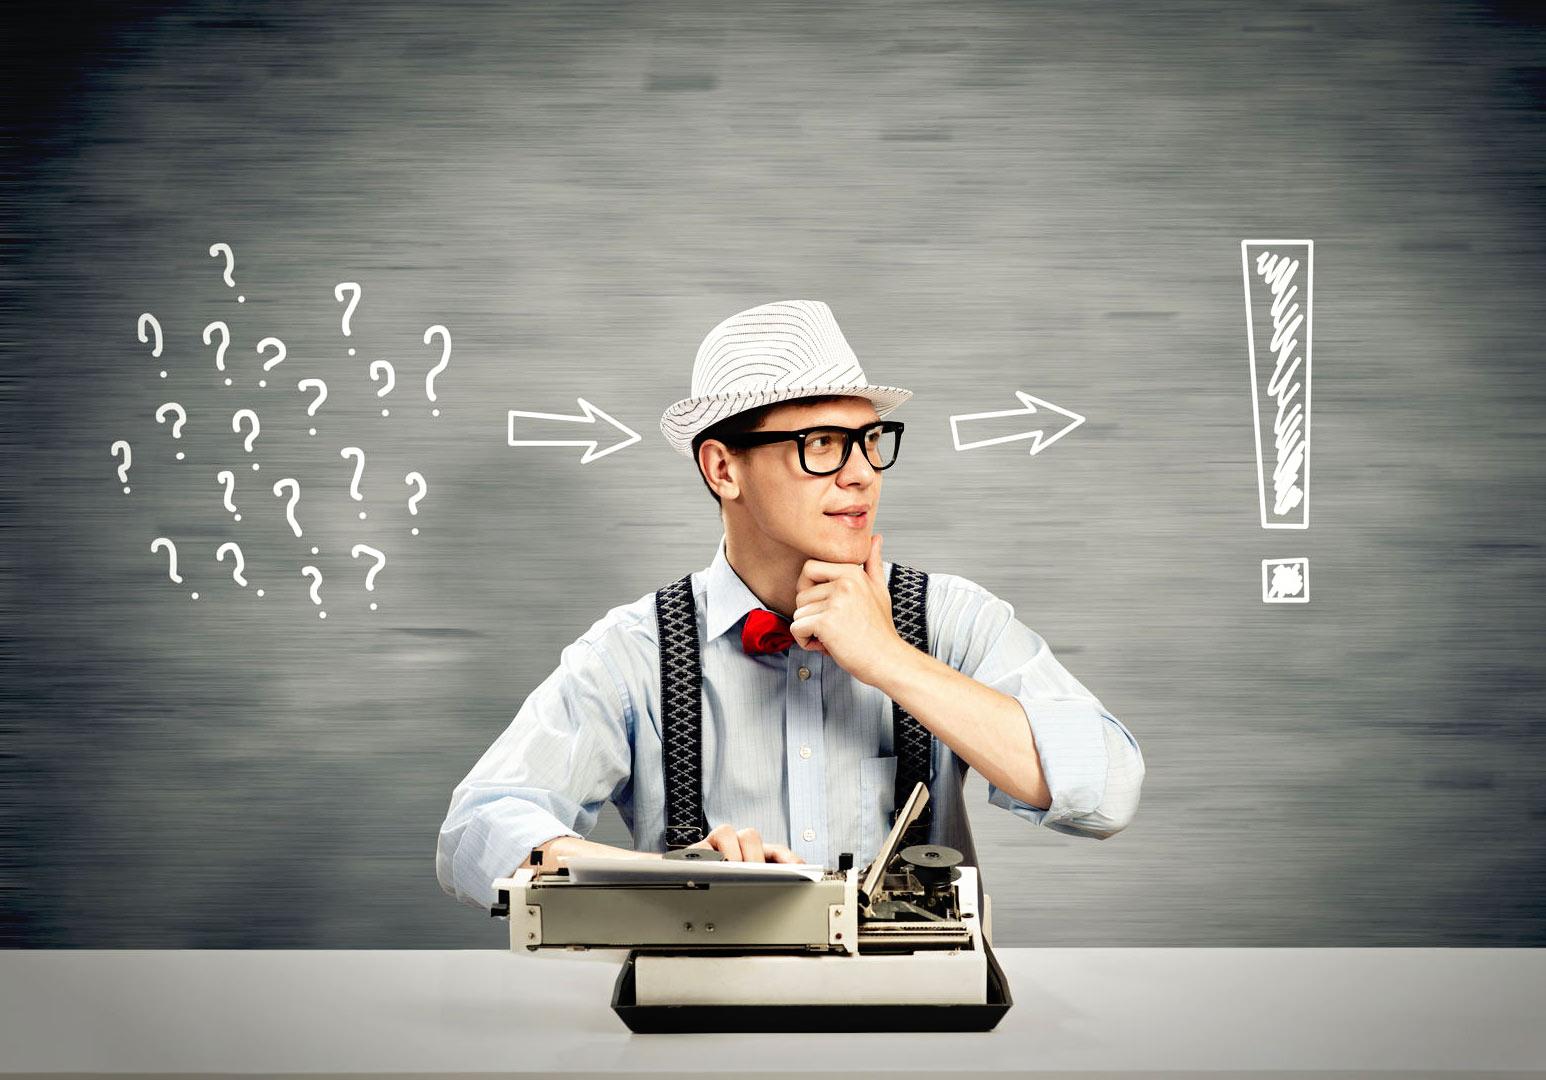 Viết bài PR chuyên nghiêp hiệu quả nhất tại TPHCM, Hà Nội